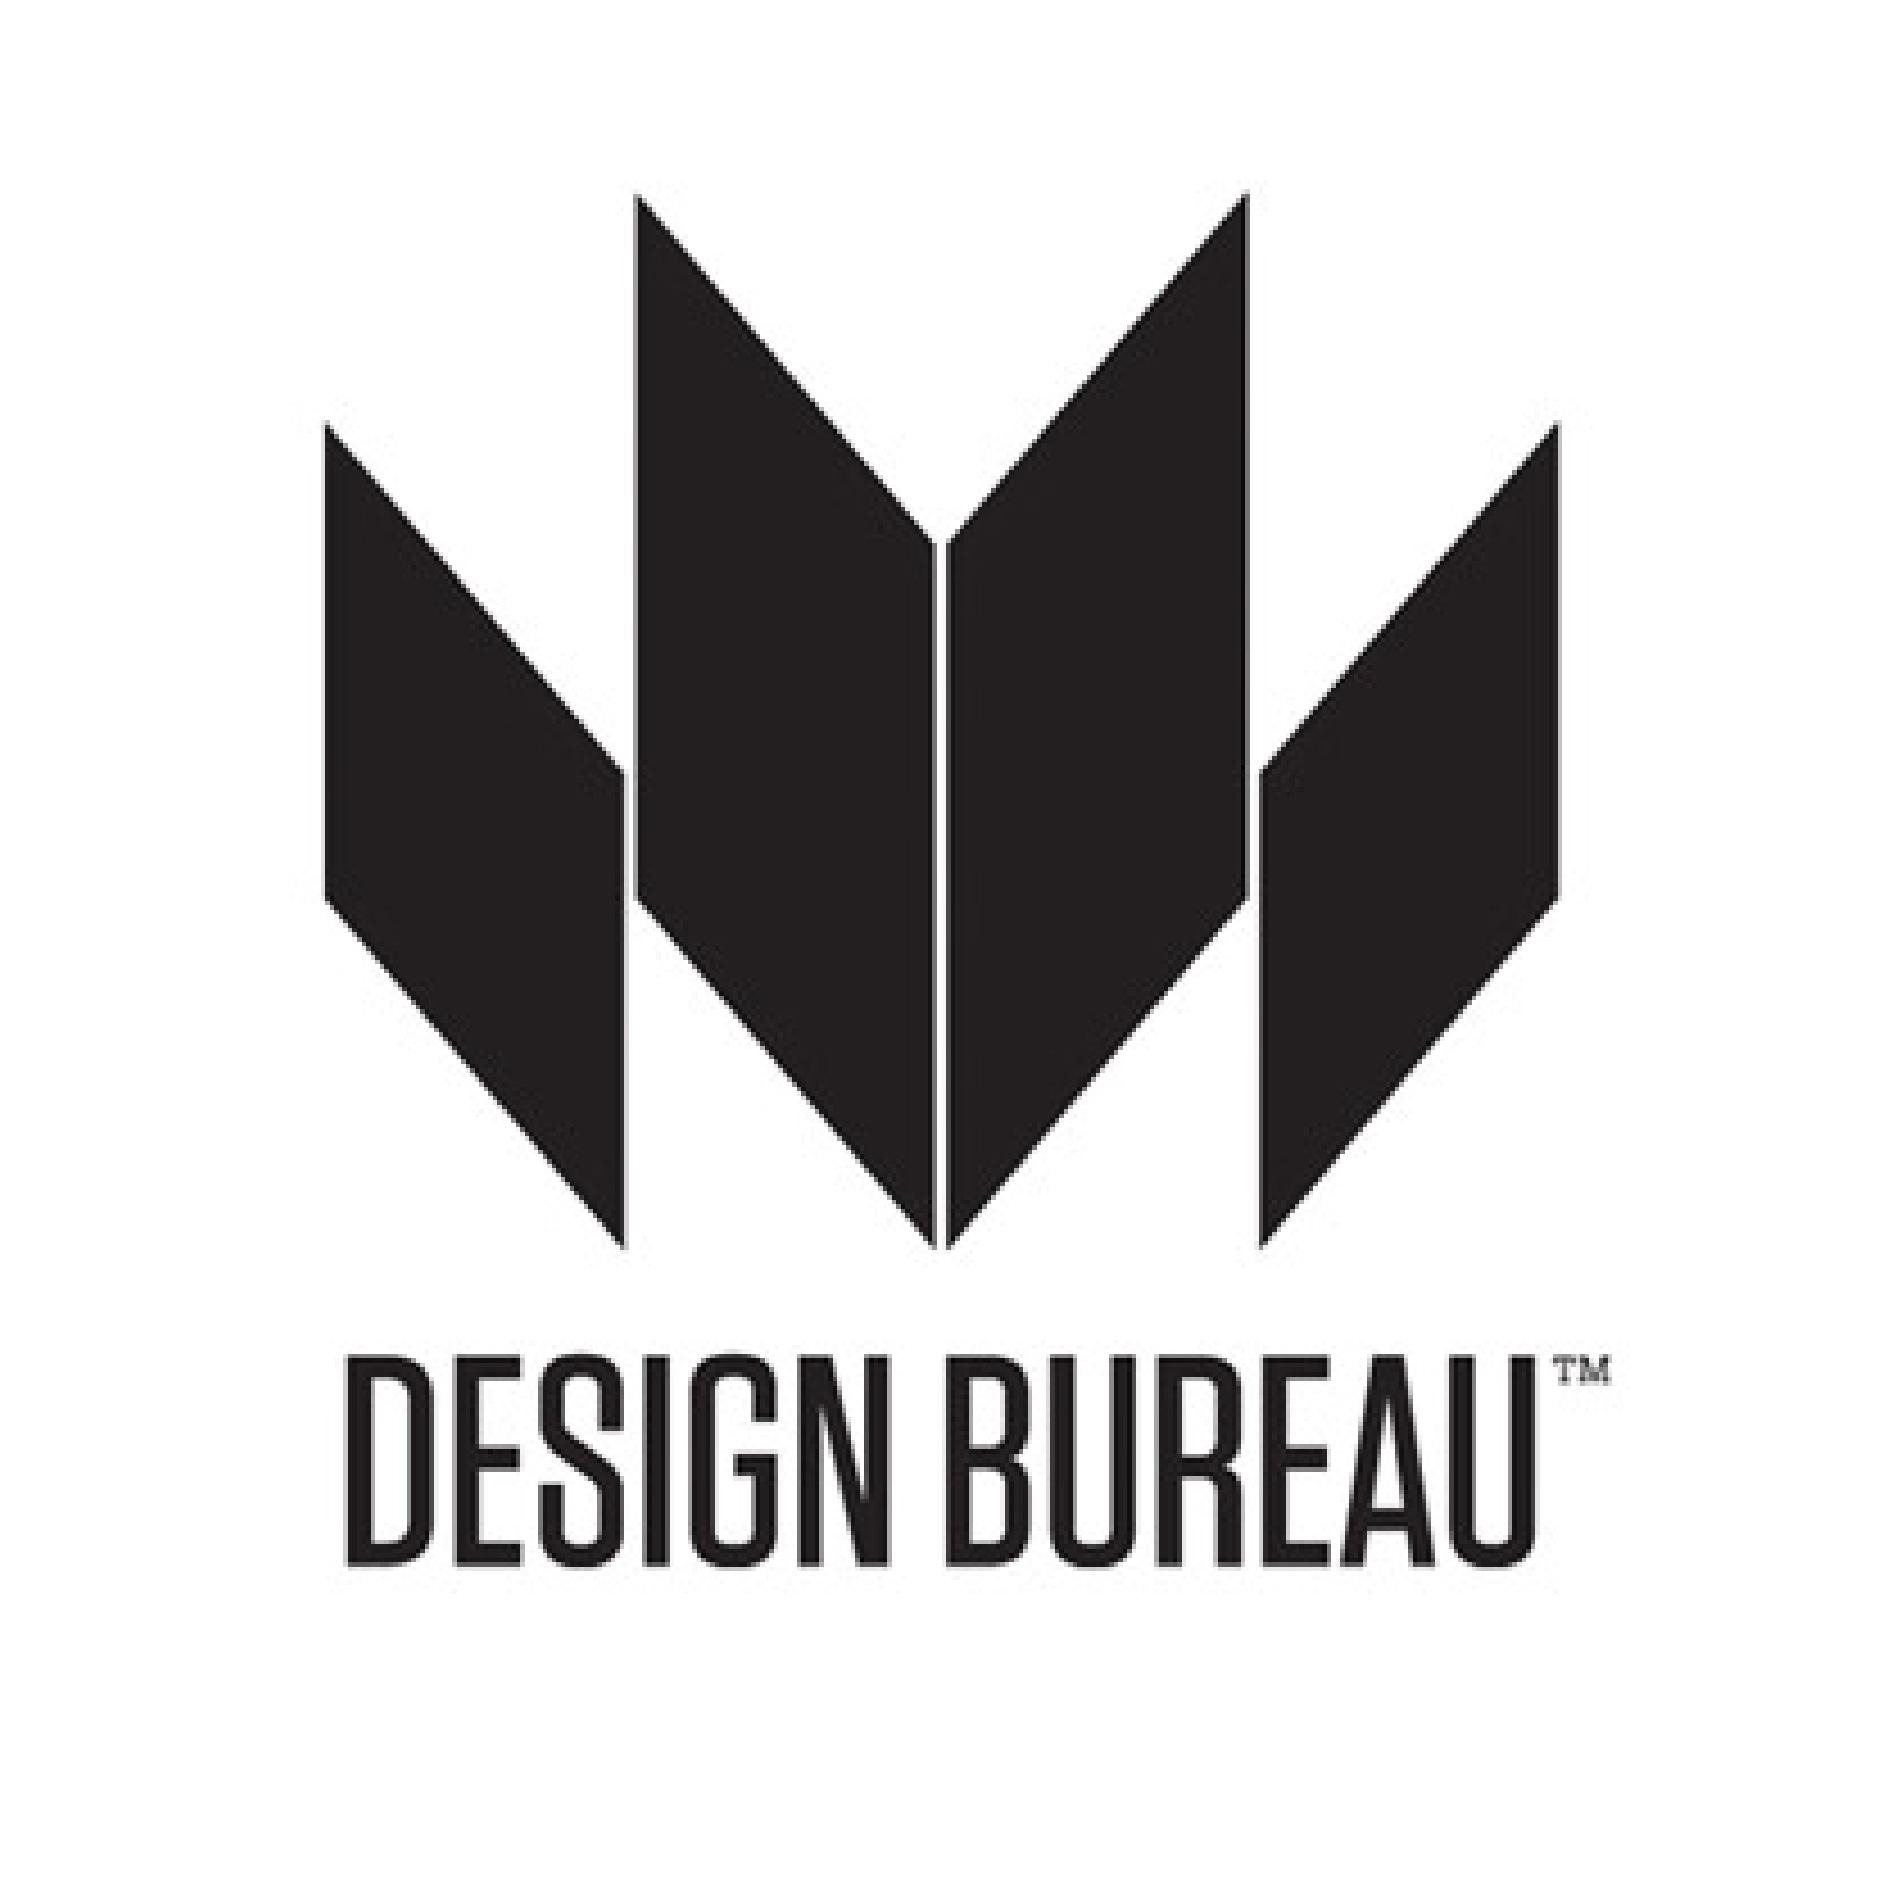 Desig Bureau-01.jpg